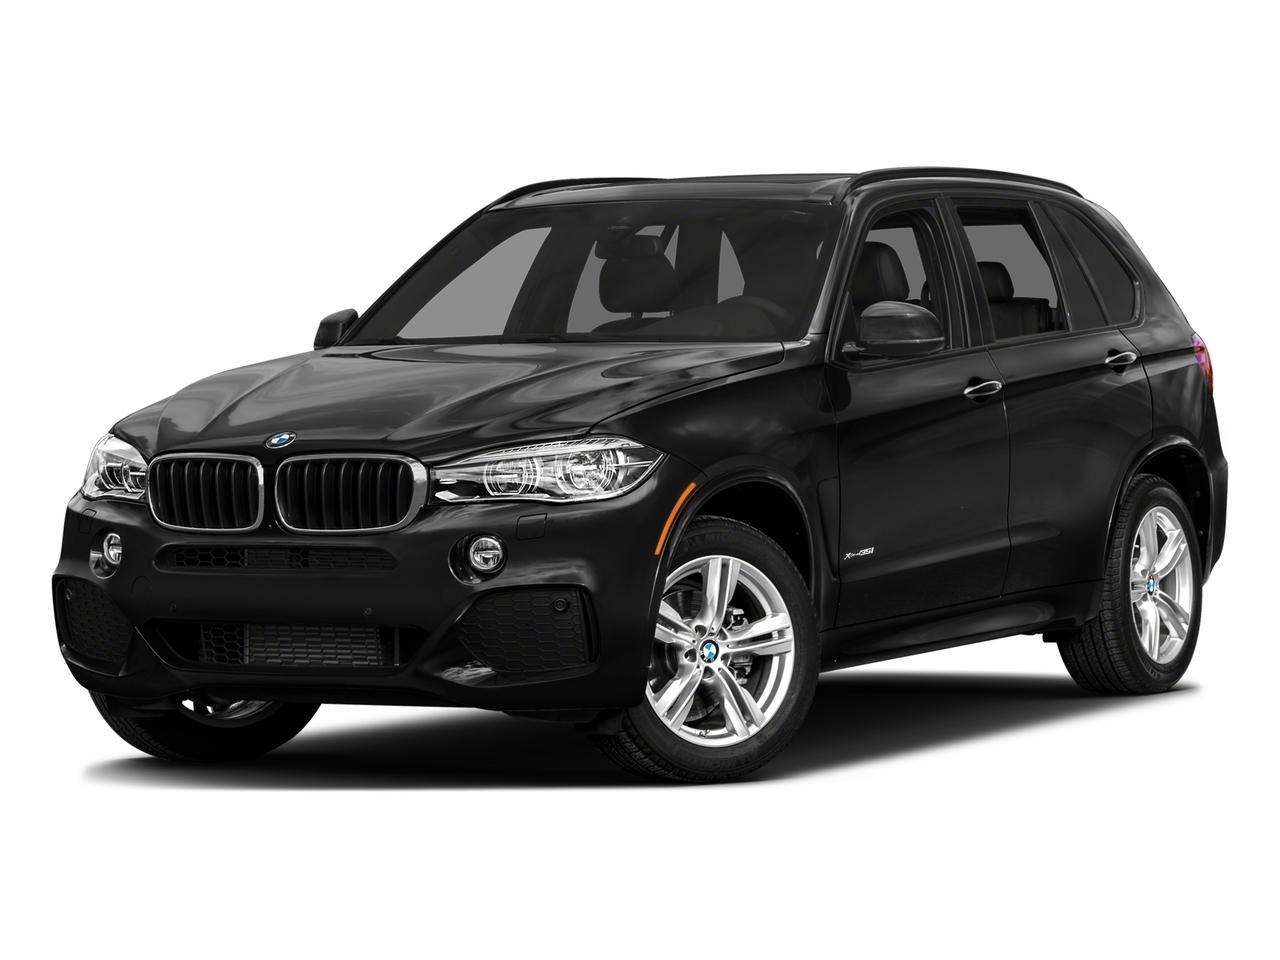 2016 BMW X5 xDrive35i Vehicle Photo in Pleasanton, CA 94588